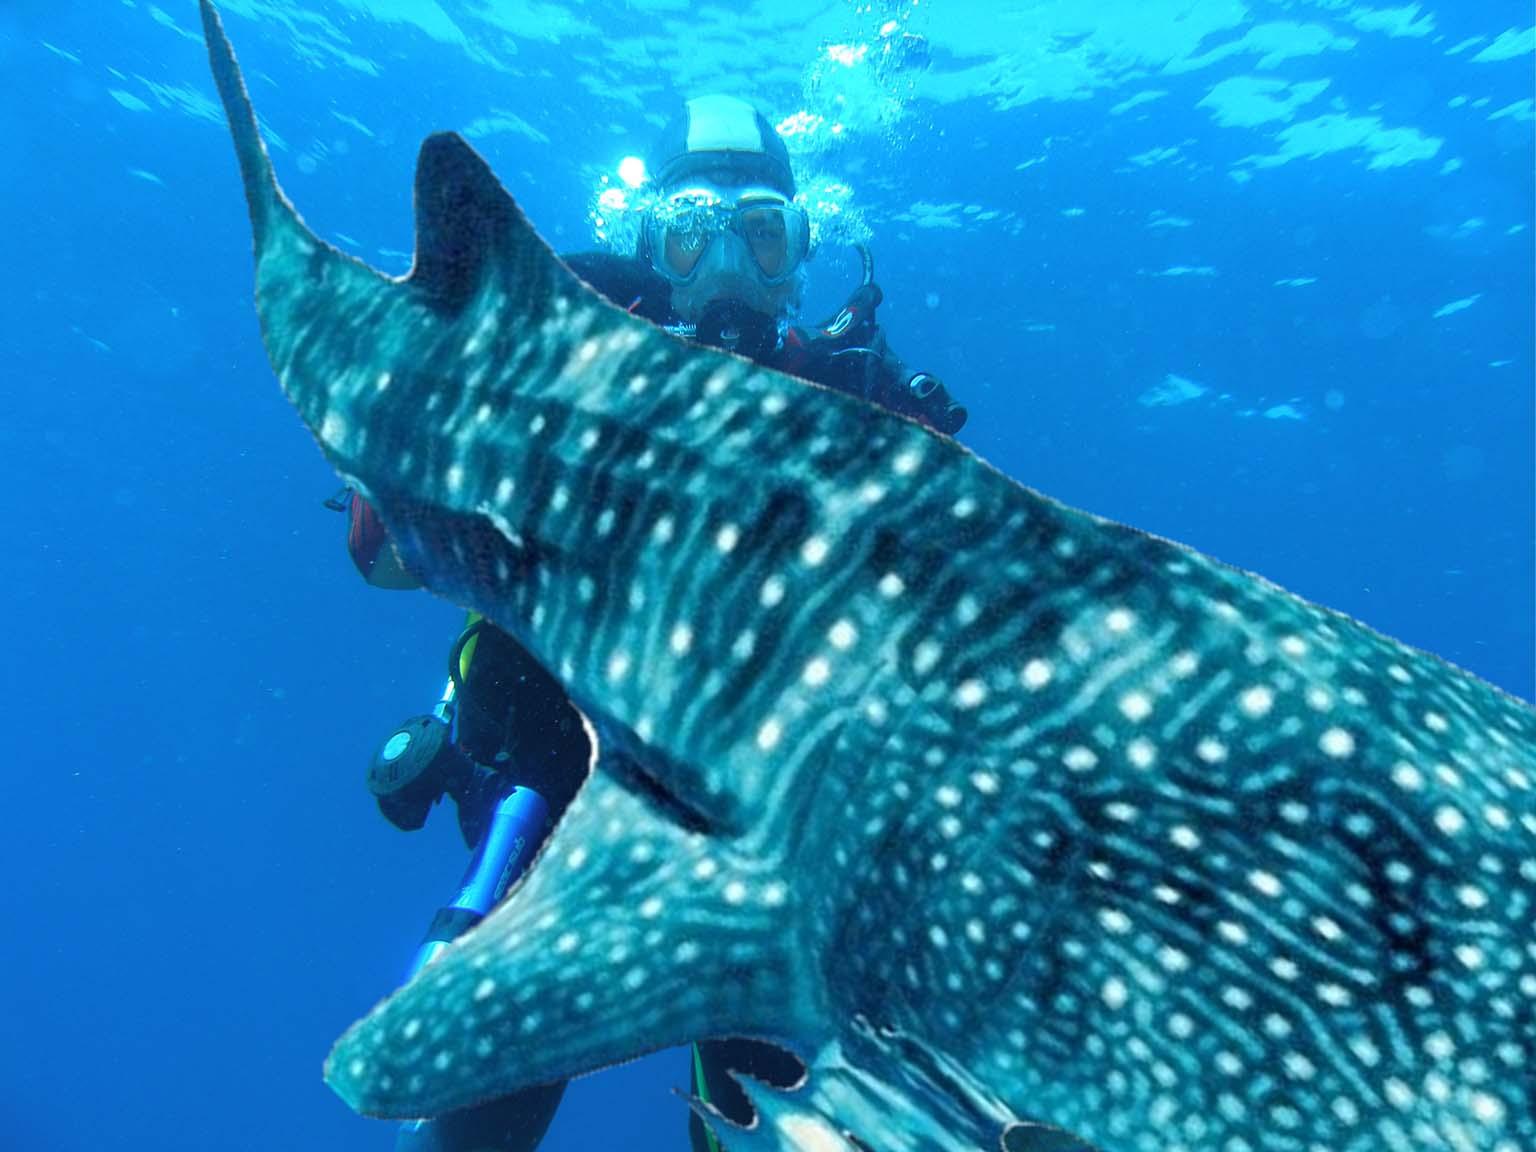 Requin Baleine à Madagascar - Nosy Be